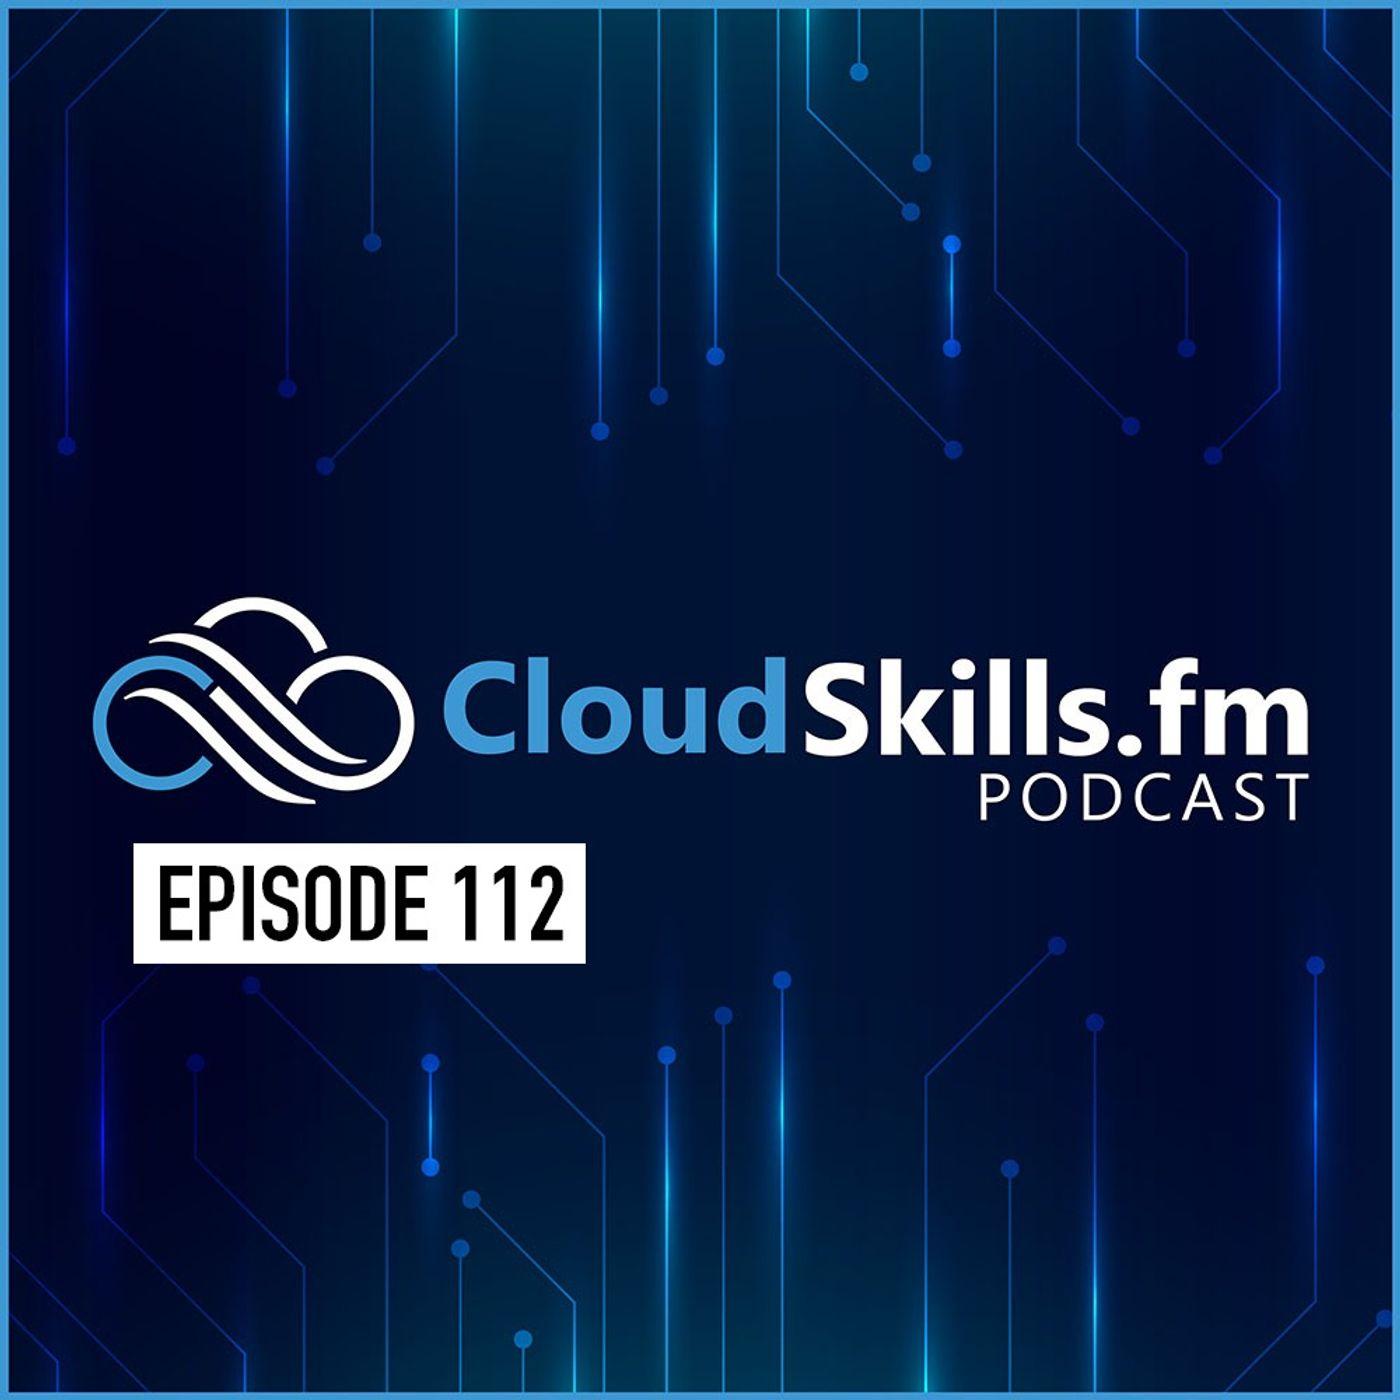 112: Corey Knapp on Azure Landing Zones, Career Development, and Personal Branding